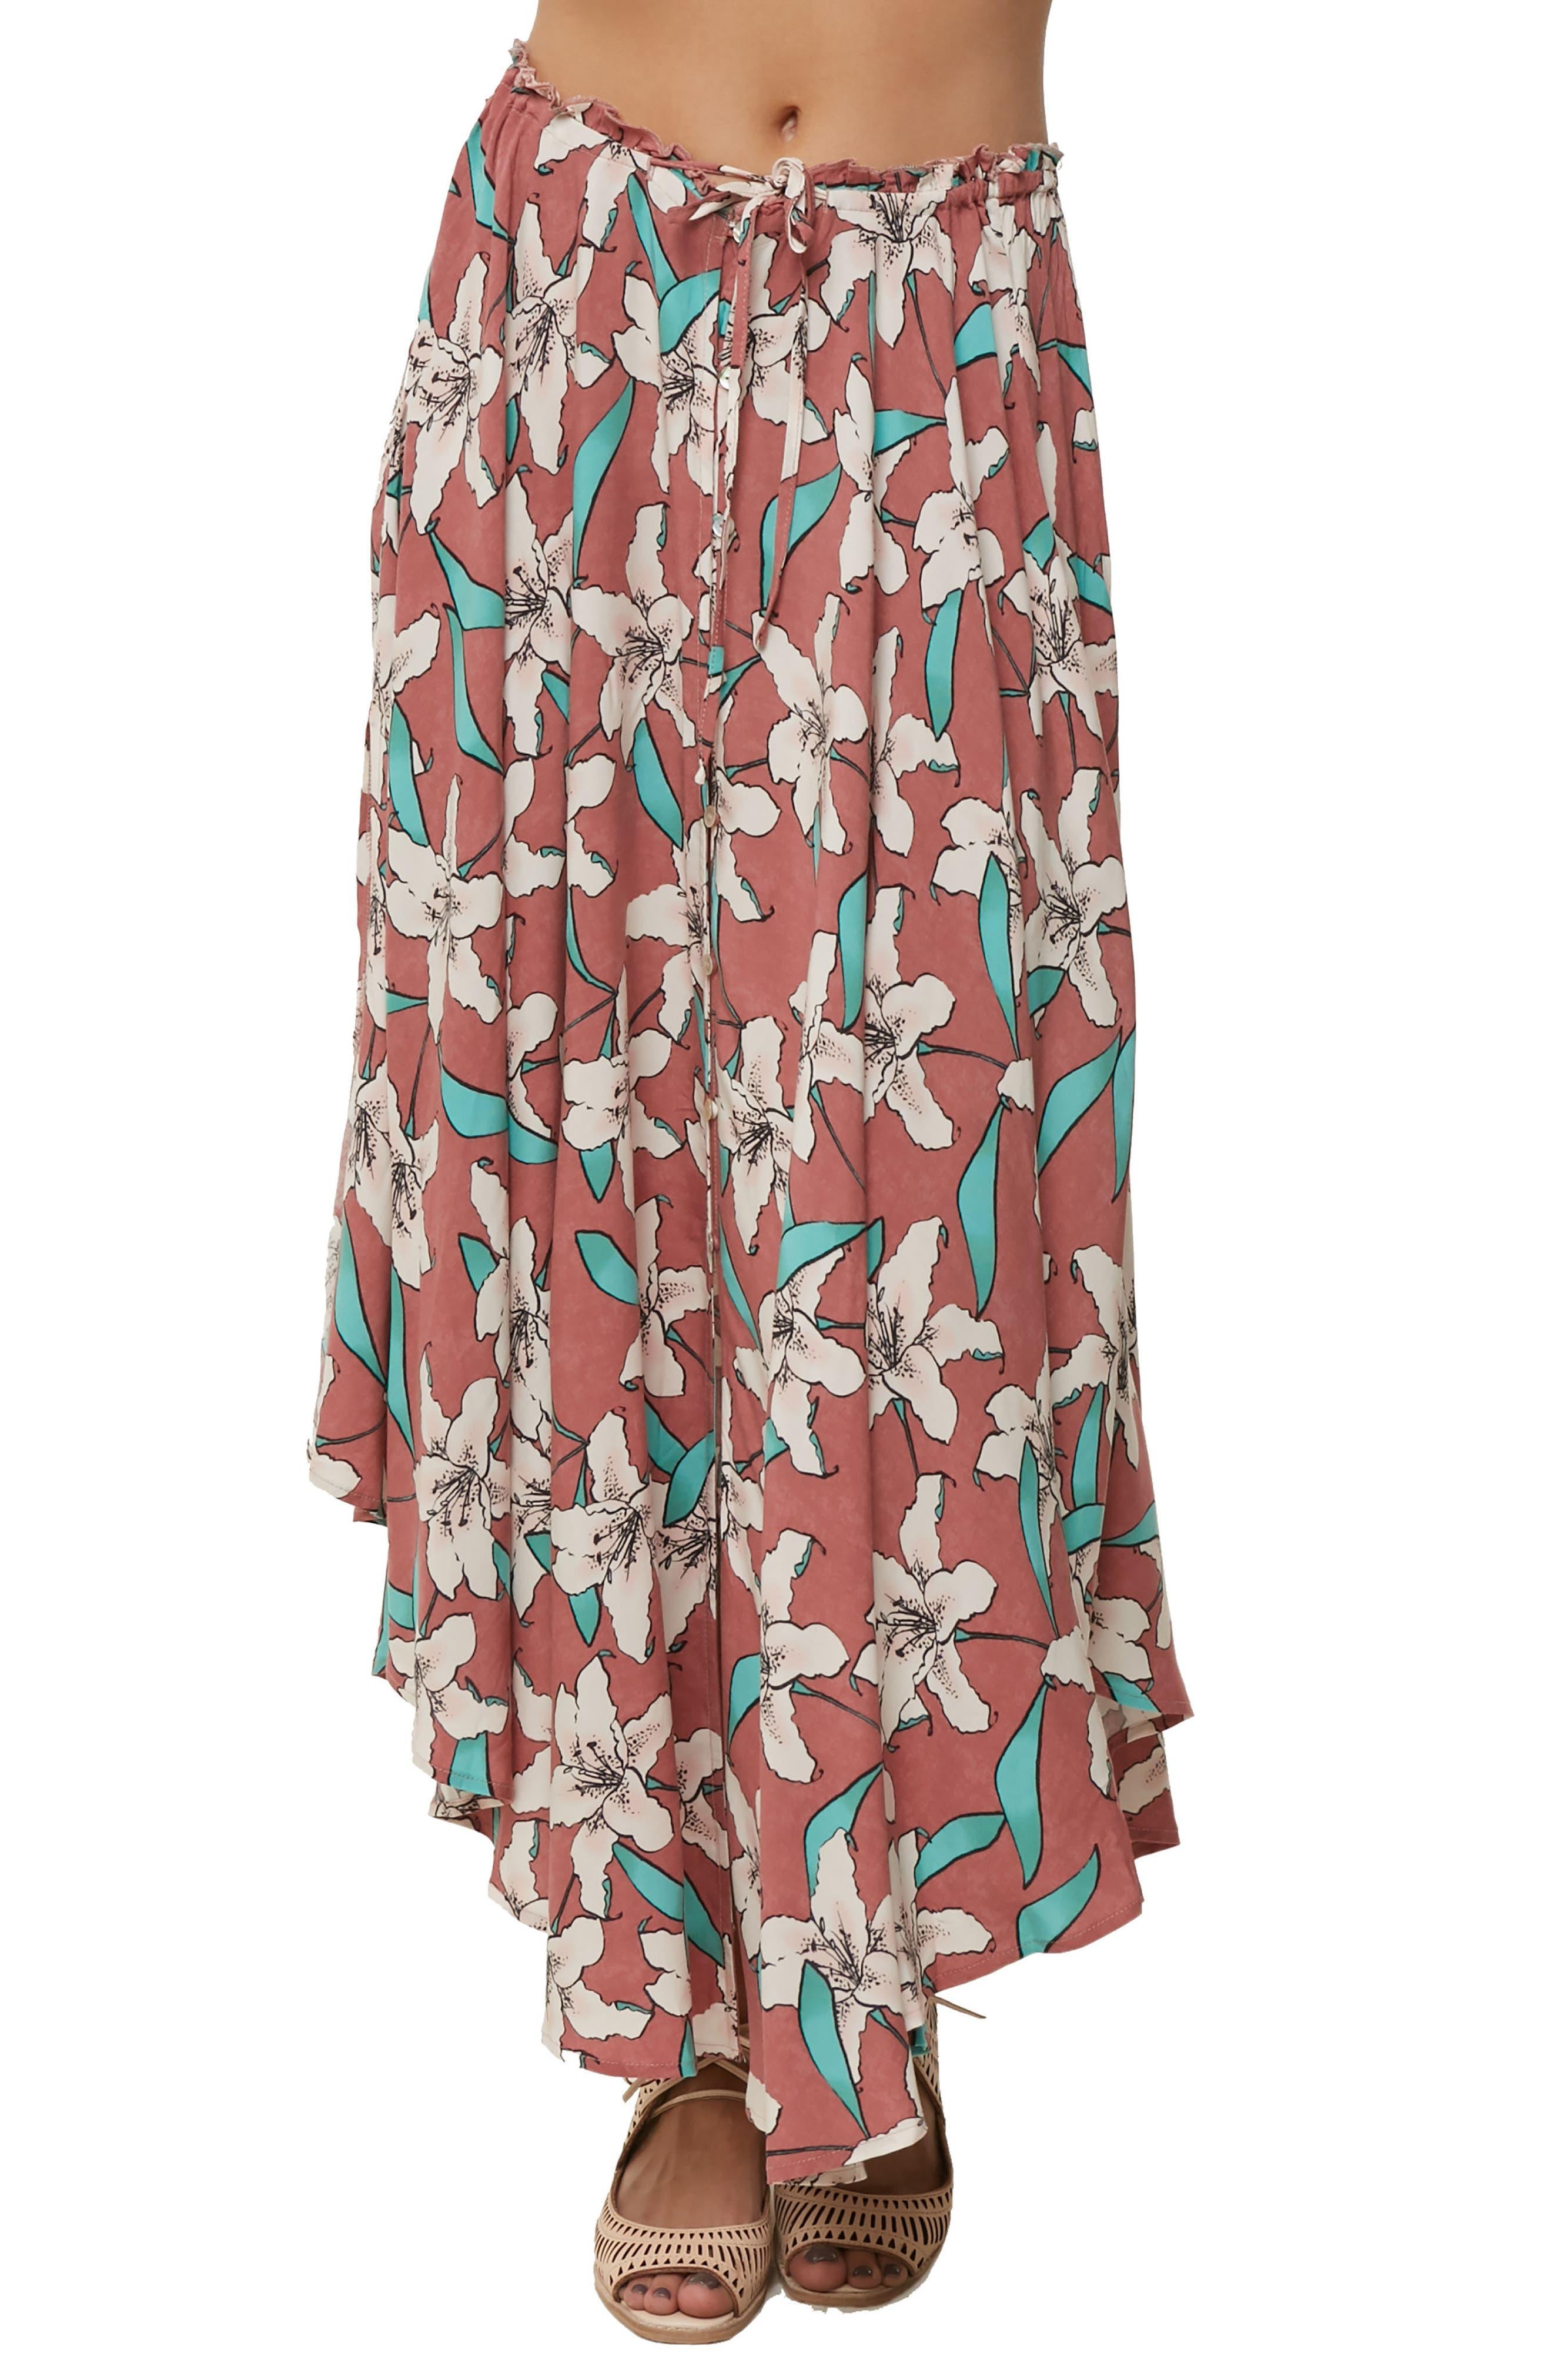 O'Neill Kalani Print Skirt